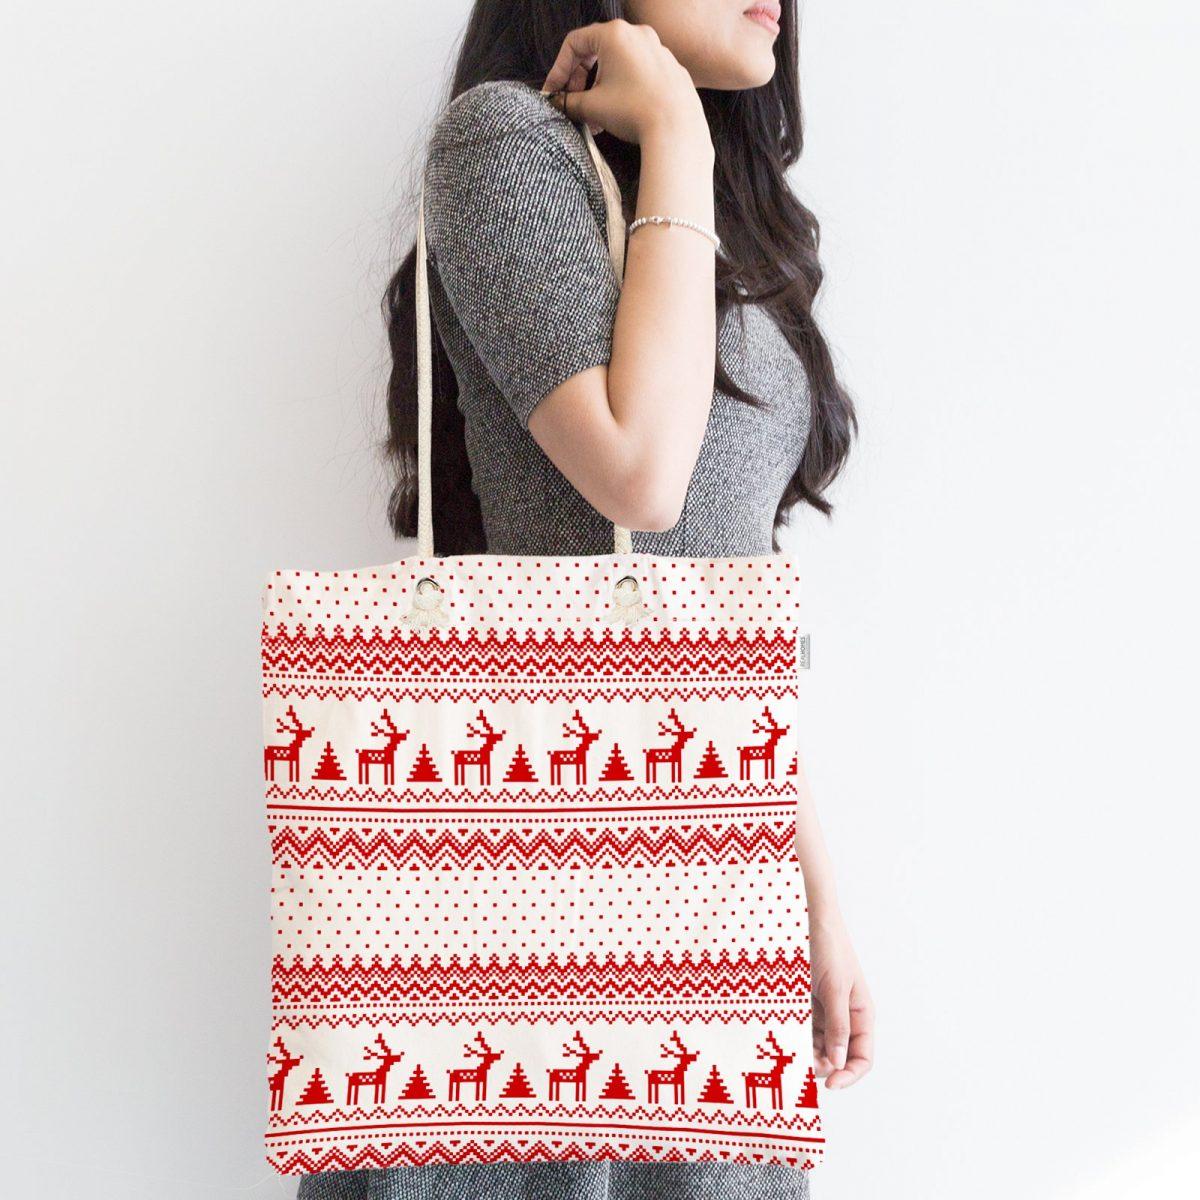 Kanaviçe Yılbaşı Temalı Özel Tasarım Fermuarlı Kumaş Çanta Realhomes